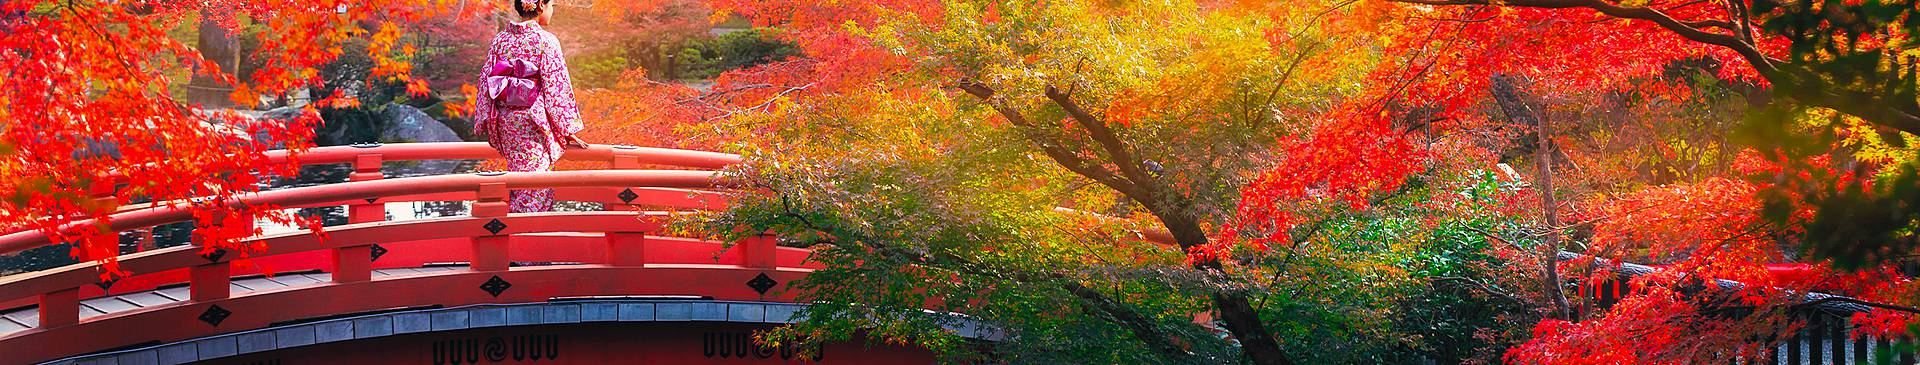 Viajes a Japón en otoño